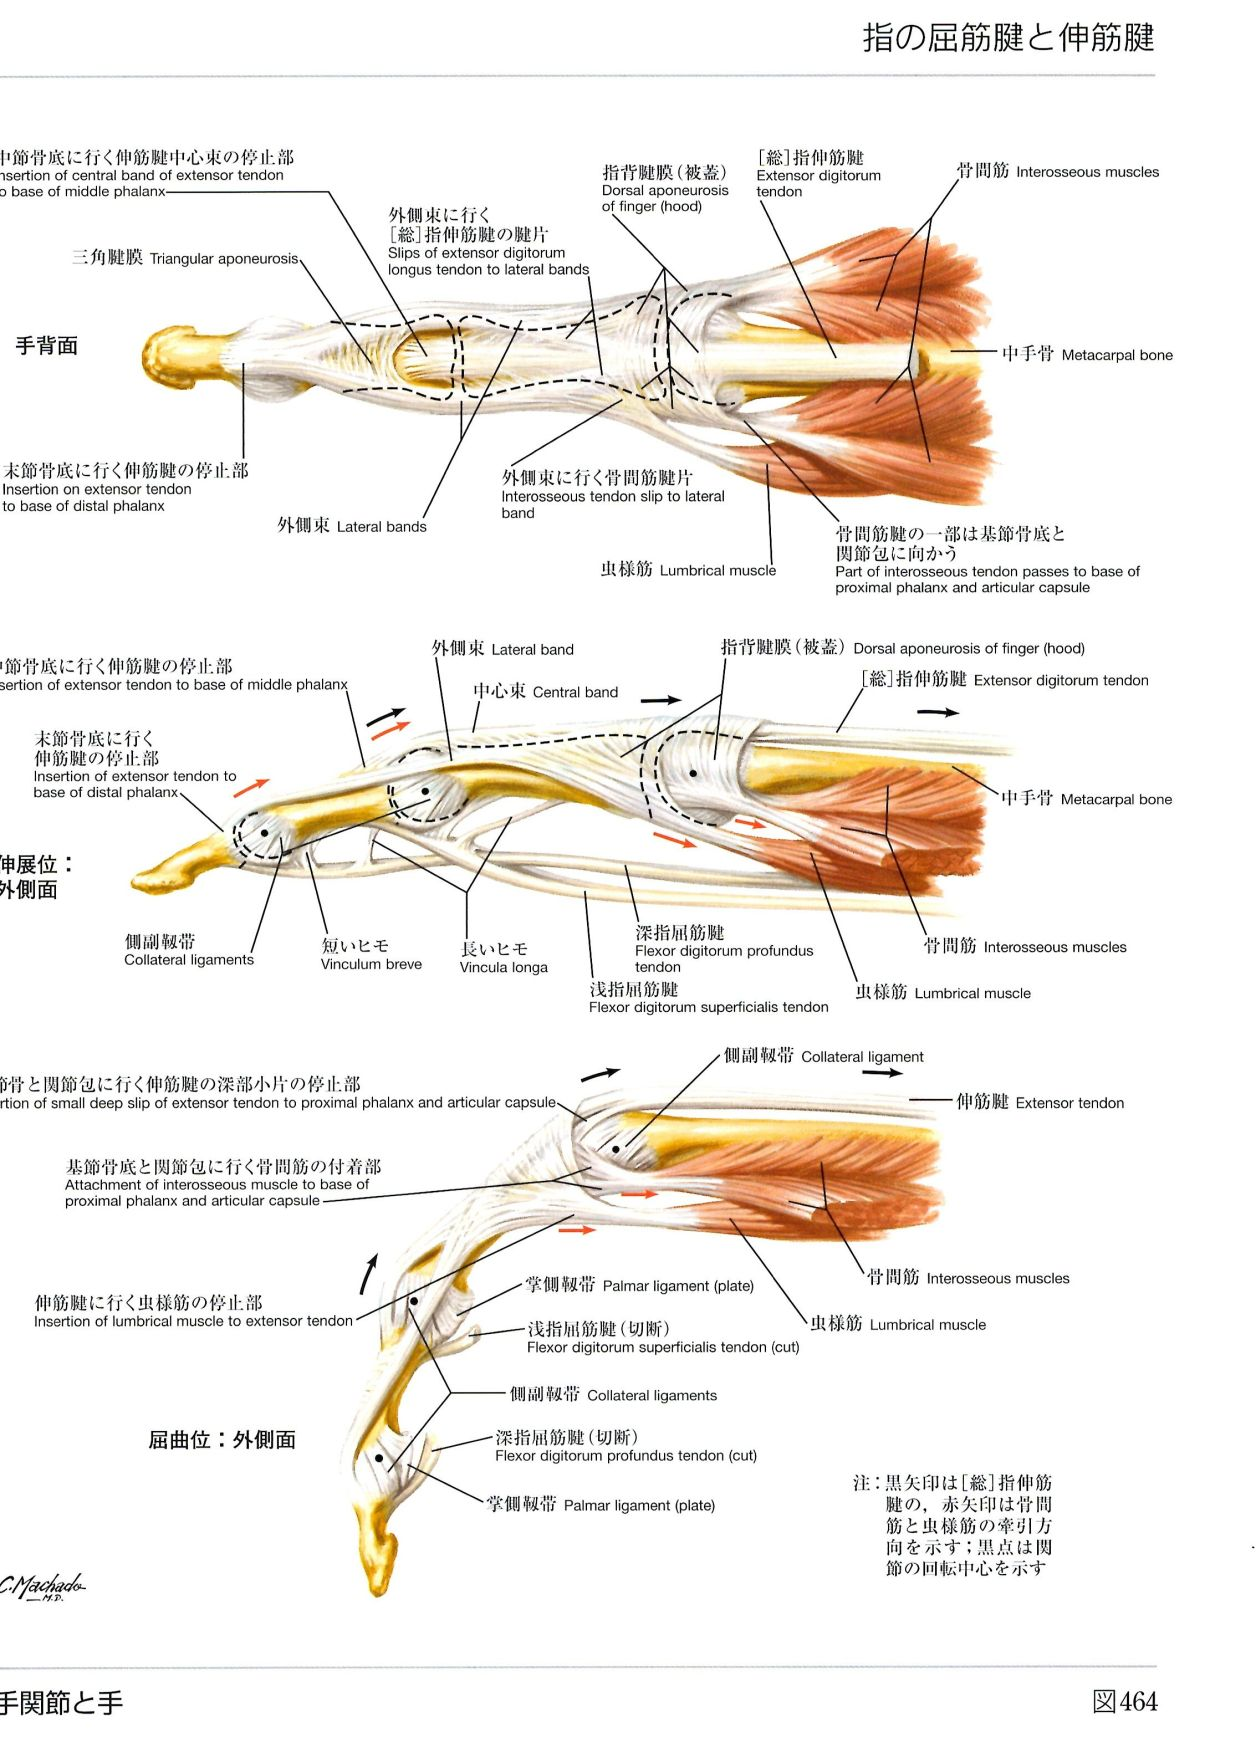 腱の解剖学 ネッターの解剖学参照